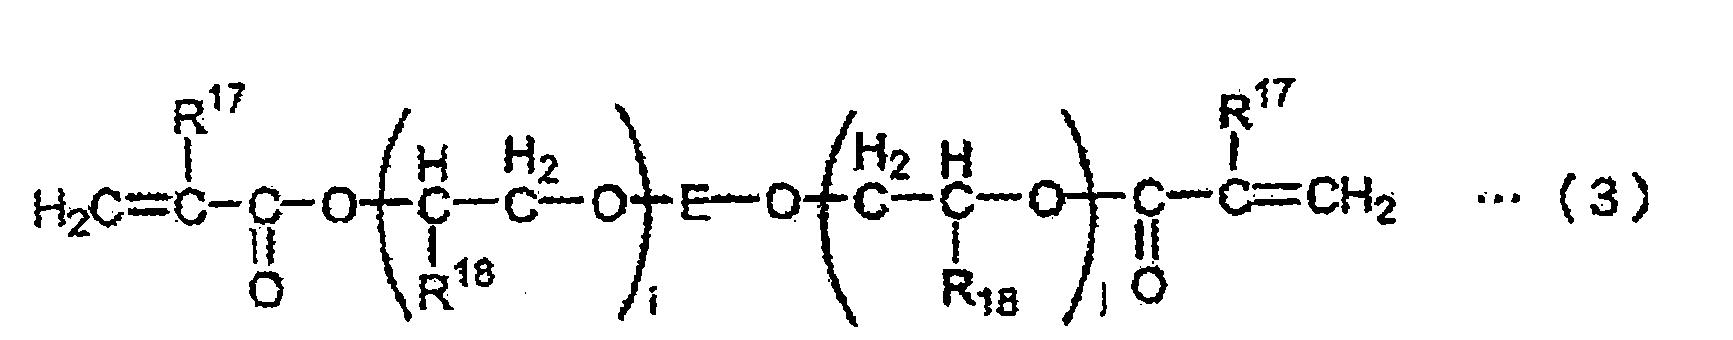 Figure CN101765494BD00153